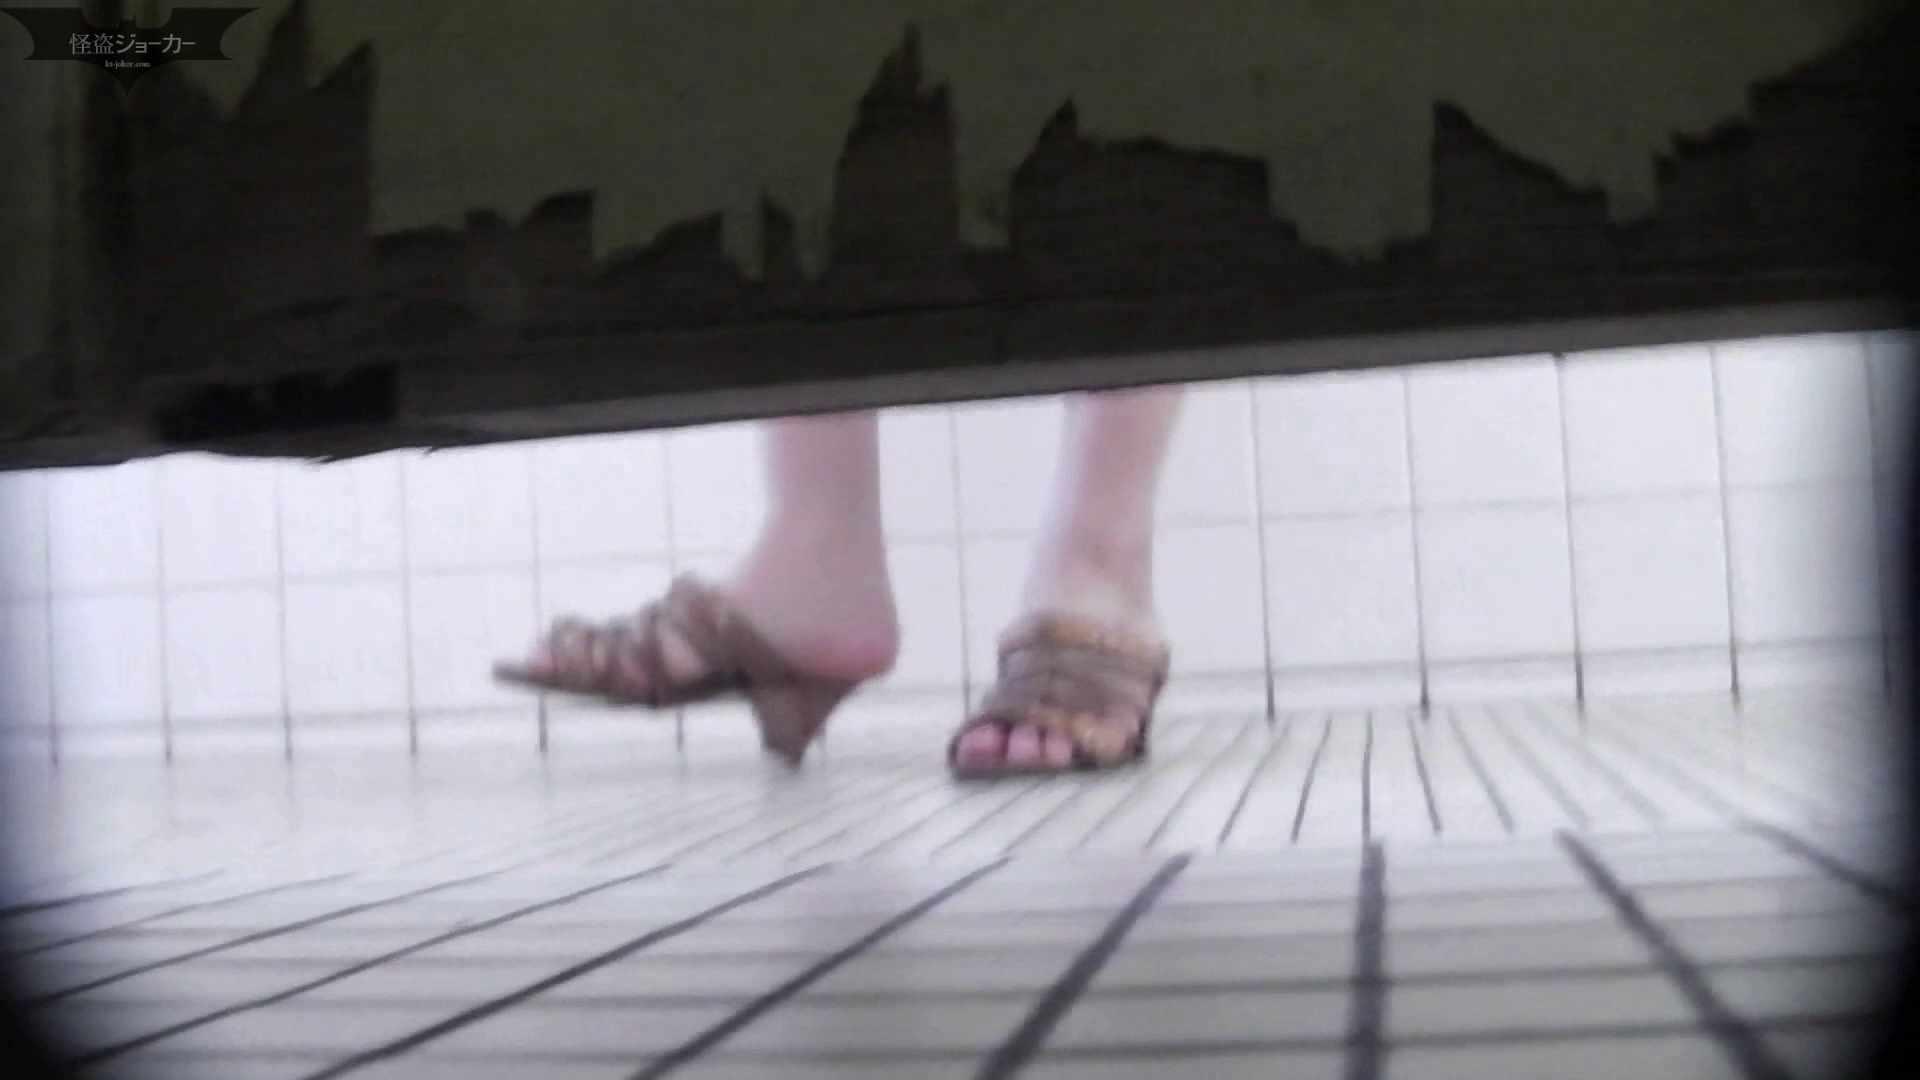 無修正おまんこ動画|洗面所特攻隊 vol.56 白濁まみれのごっつい一本!!技あり|怪盗ジョーカー